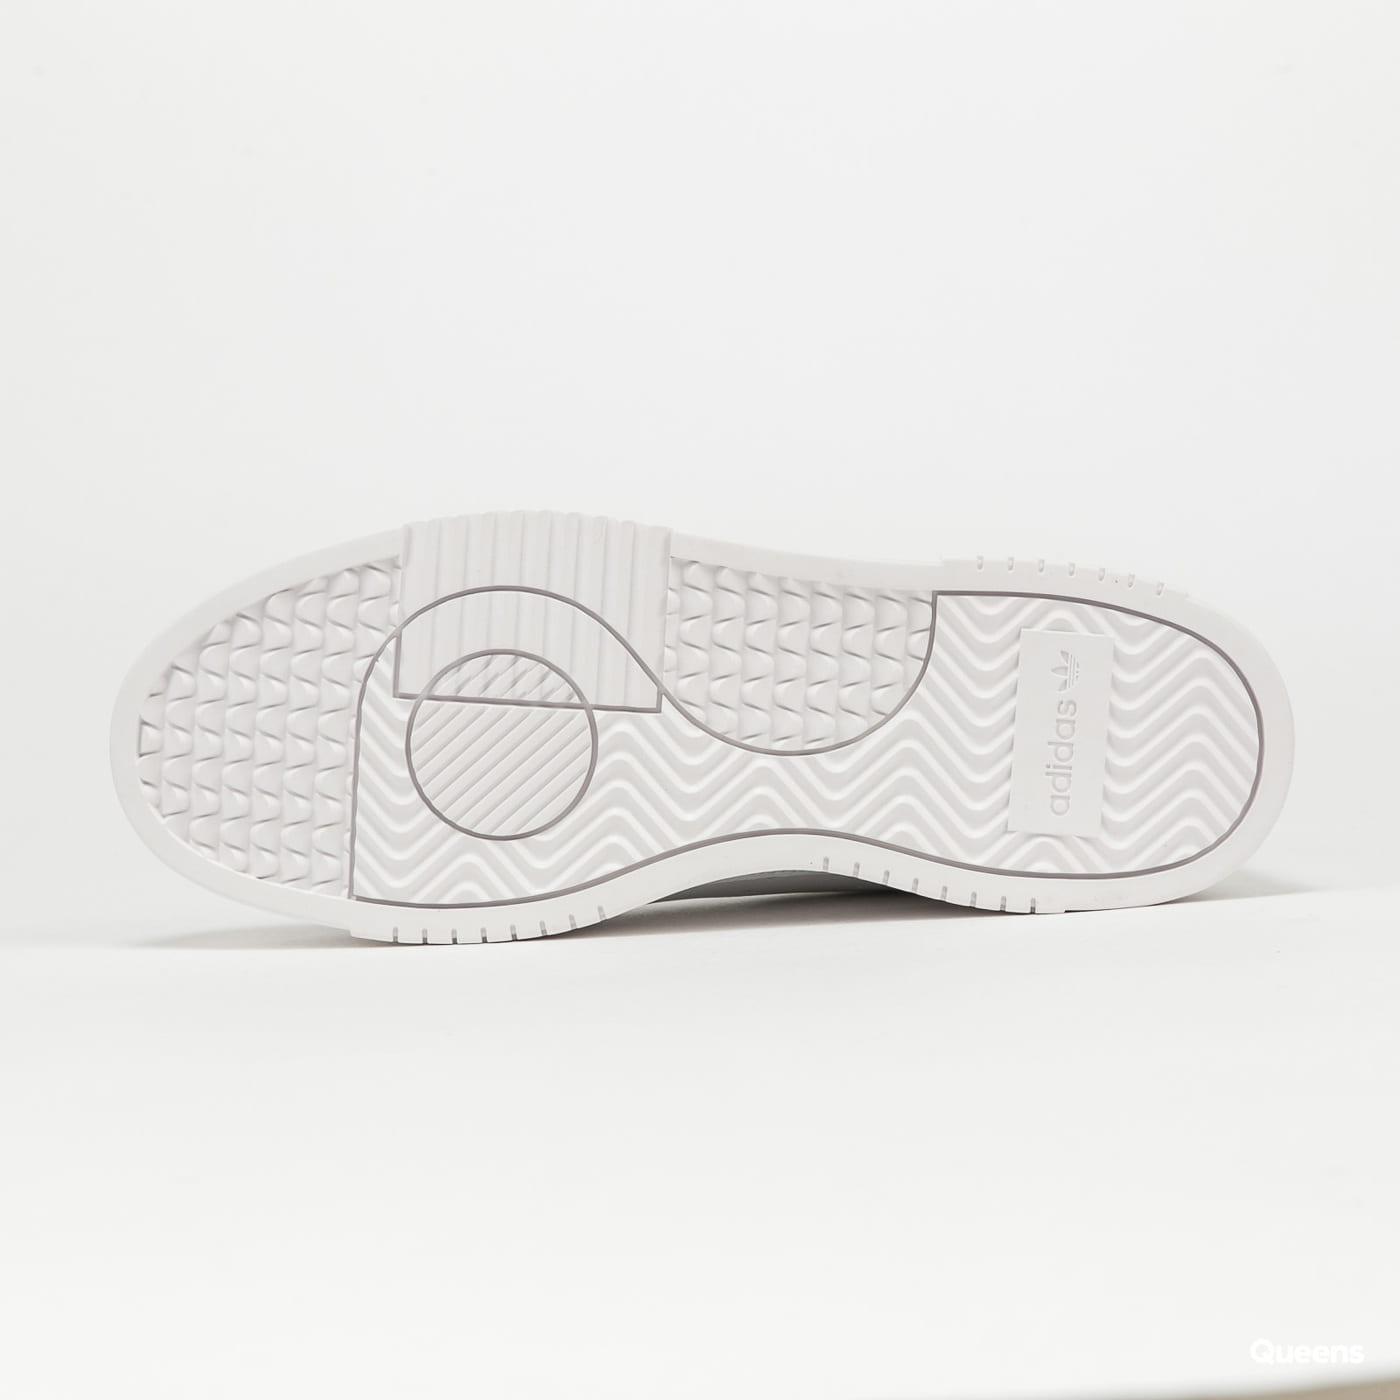 adidas Originals Supercourt Vegan ftwwht / ftwwht / ftwwht